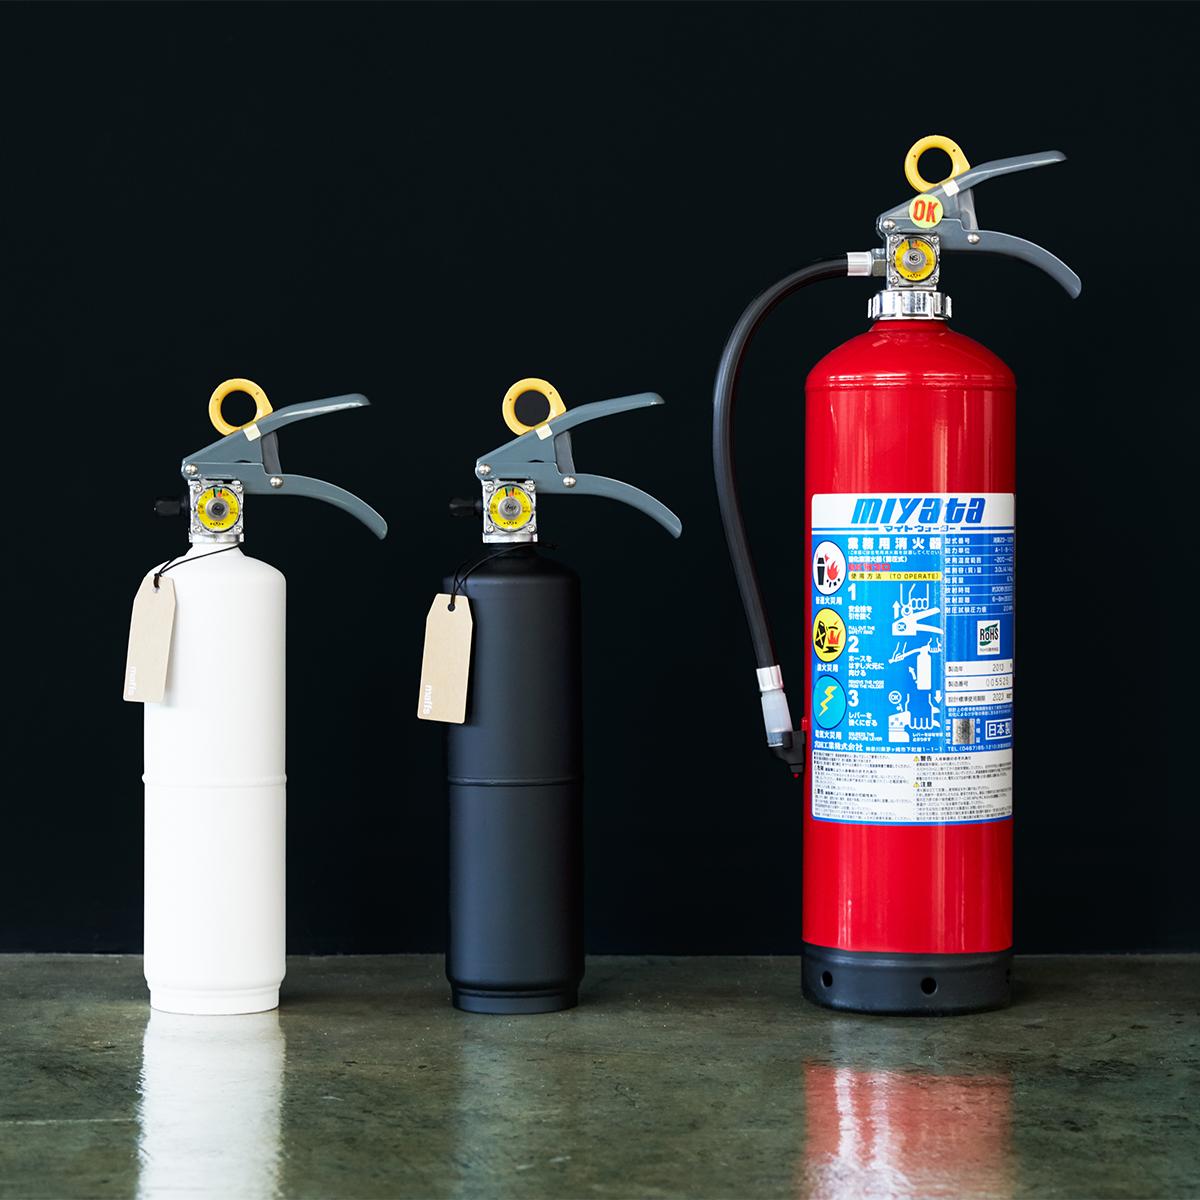 堂々と部屋におけるシンプルモダンなデザイン。お酢が主成分の消火薬剤だから、後片付けがラク!玄関やリビングにも飾れる「モノトーンの住宅用消火器」|+maffs(マフス)